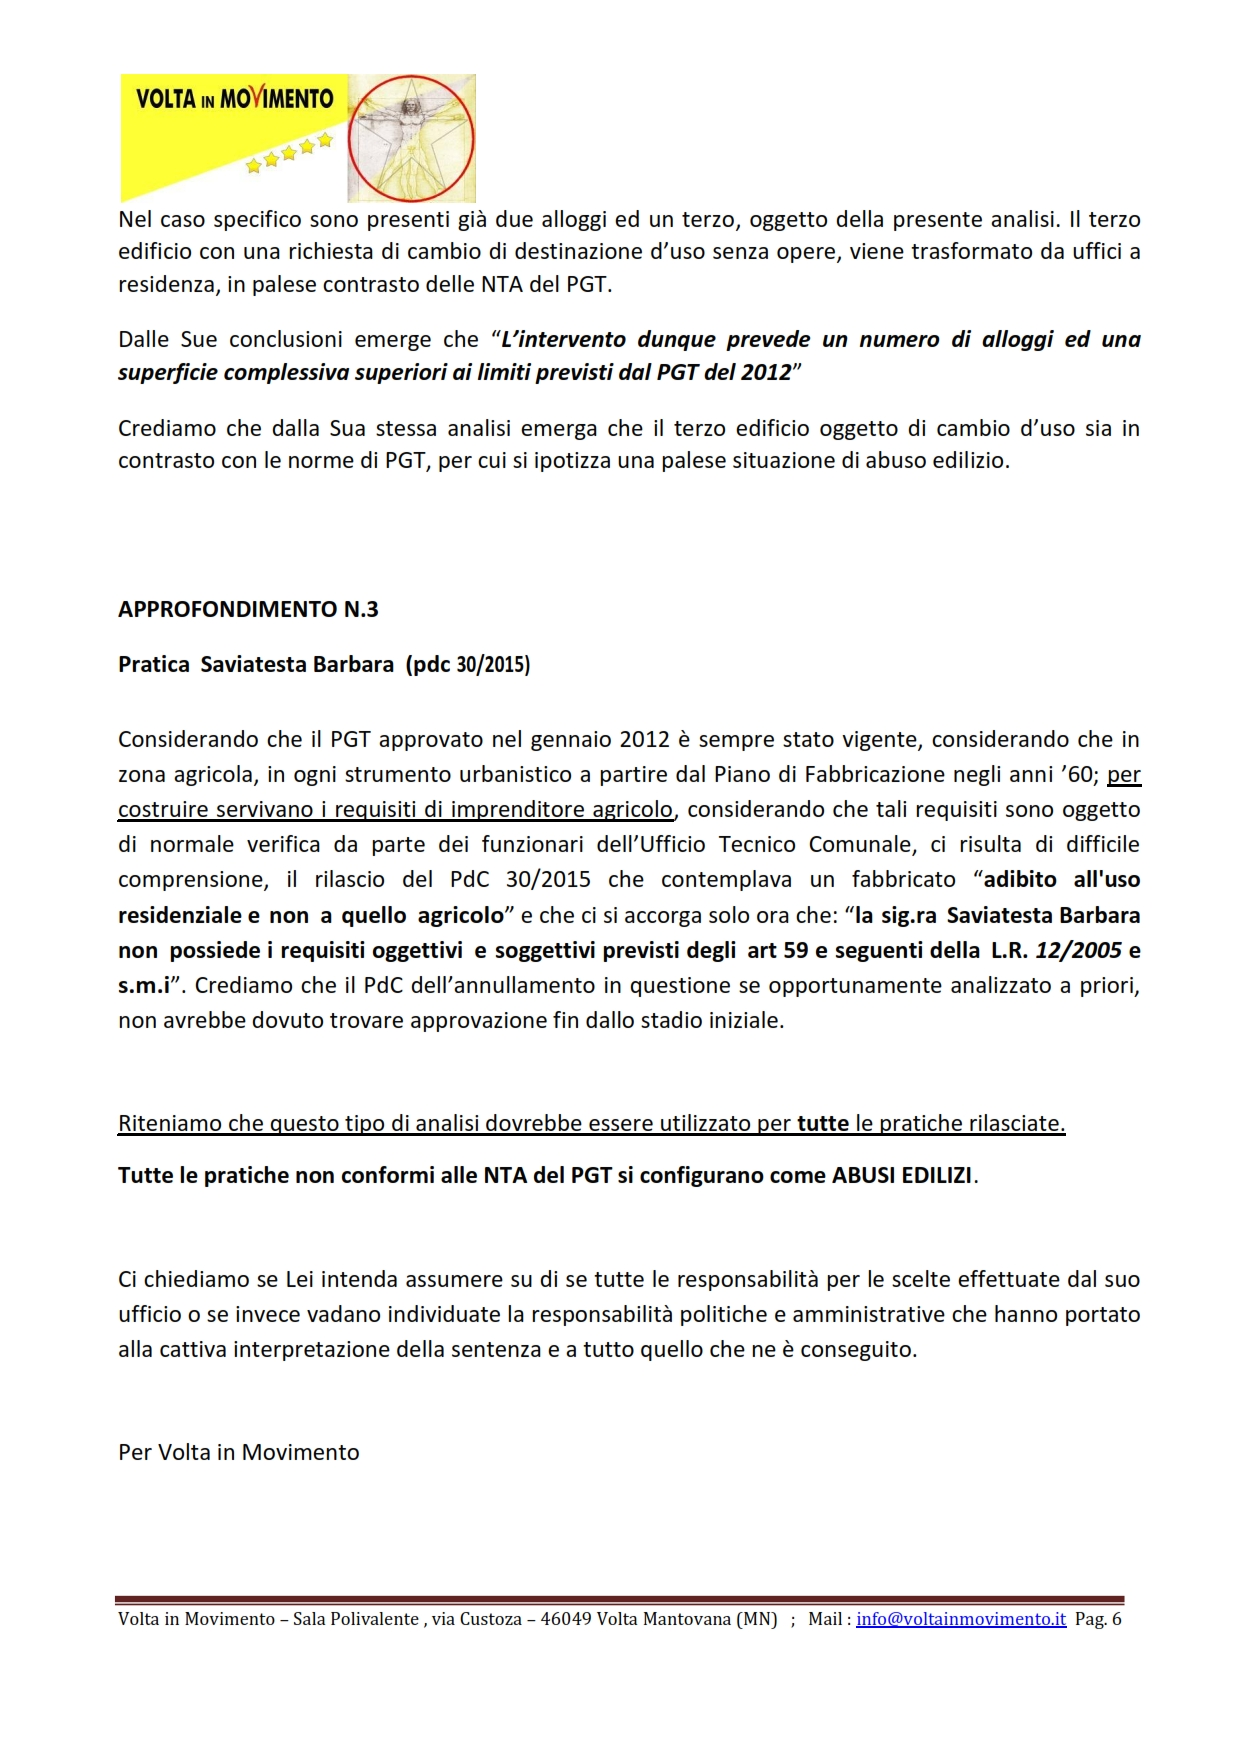 replica-alla-relazione-del-geom-milani-30-luglio-2016_006